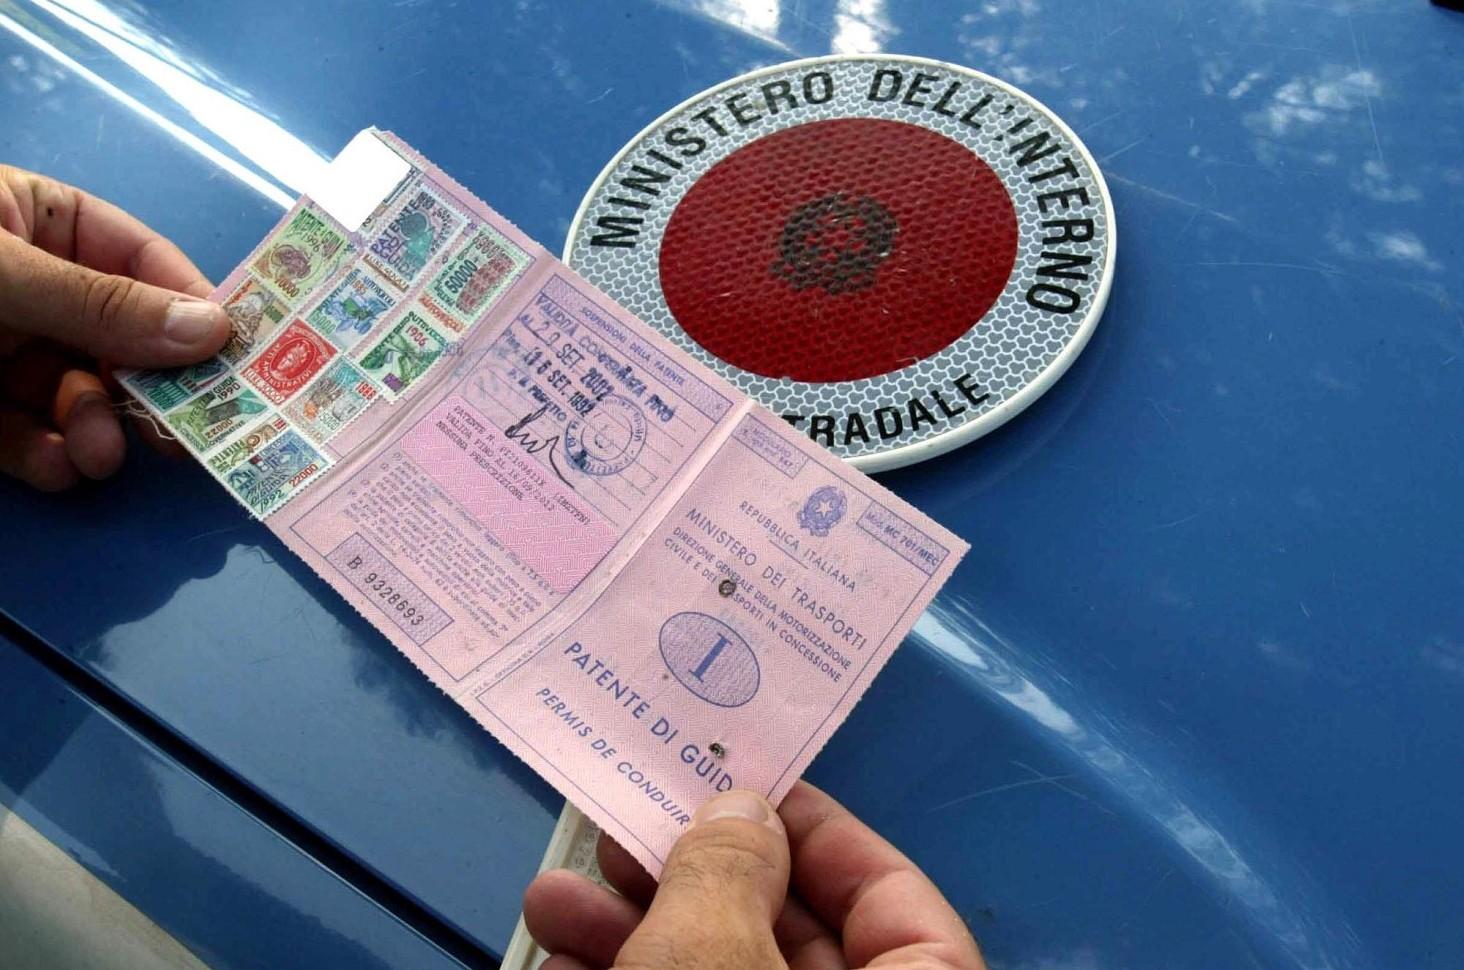 Controllo punti patente: il numero verde da chiamare